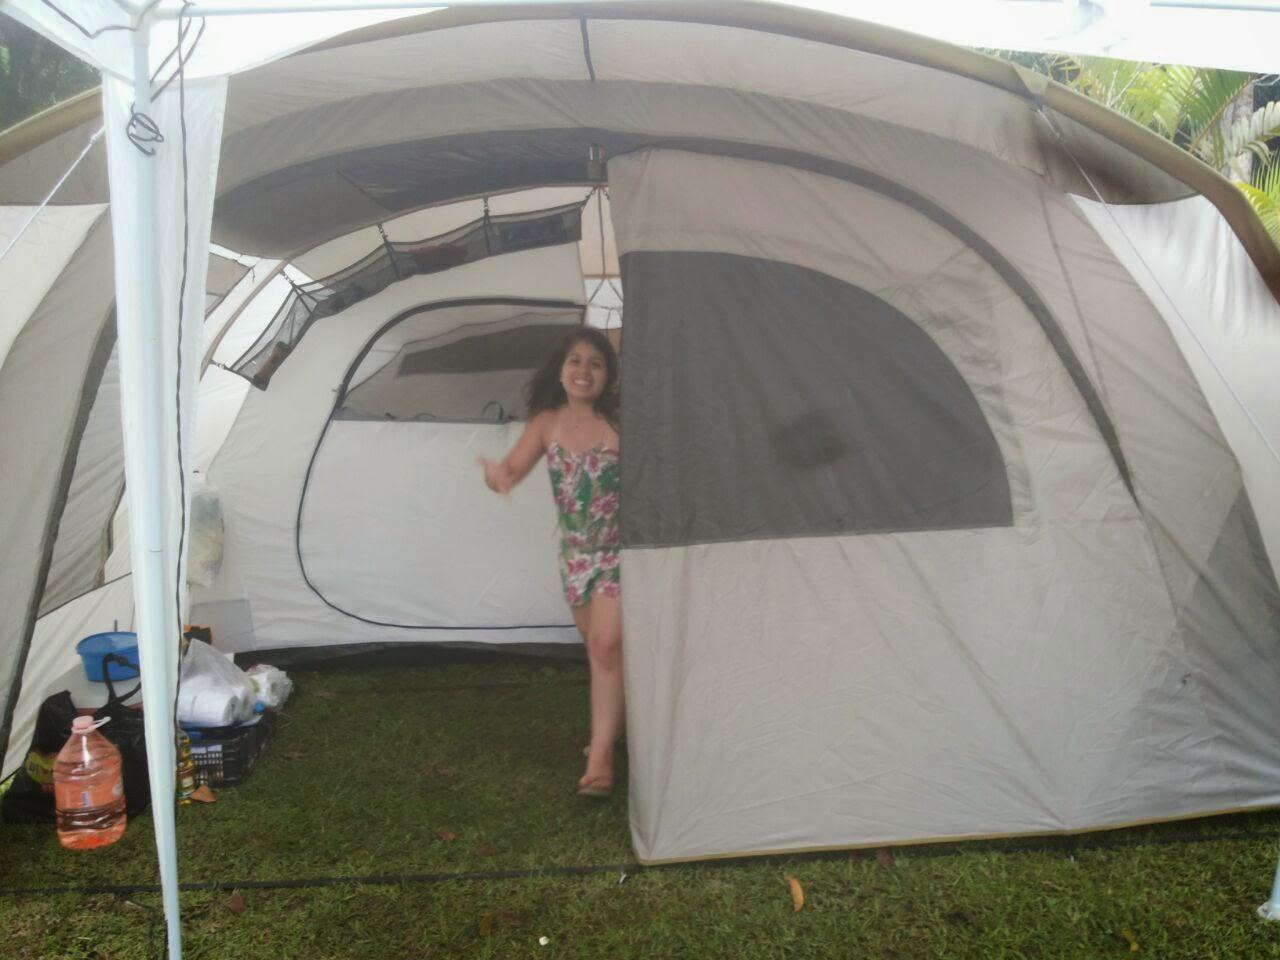 7f0683226 ... amigos campistas que ainda não conheciam a grandona de perto e paramos  a montagem do acampamento por um momento para explicar tudo sobre a barraca.